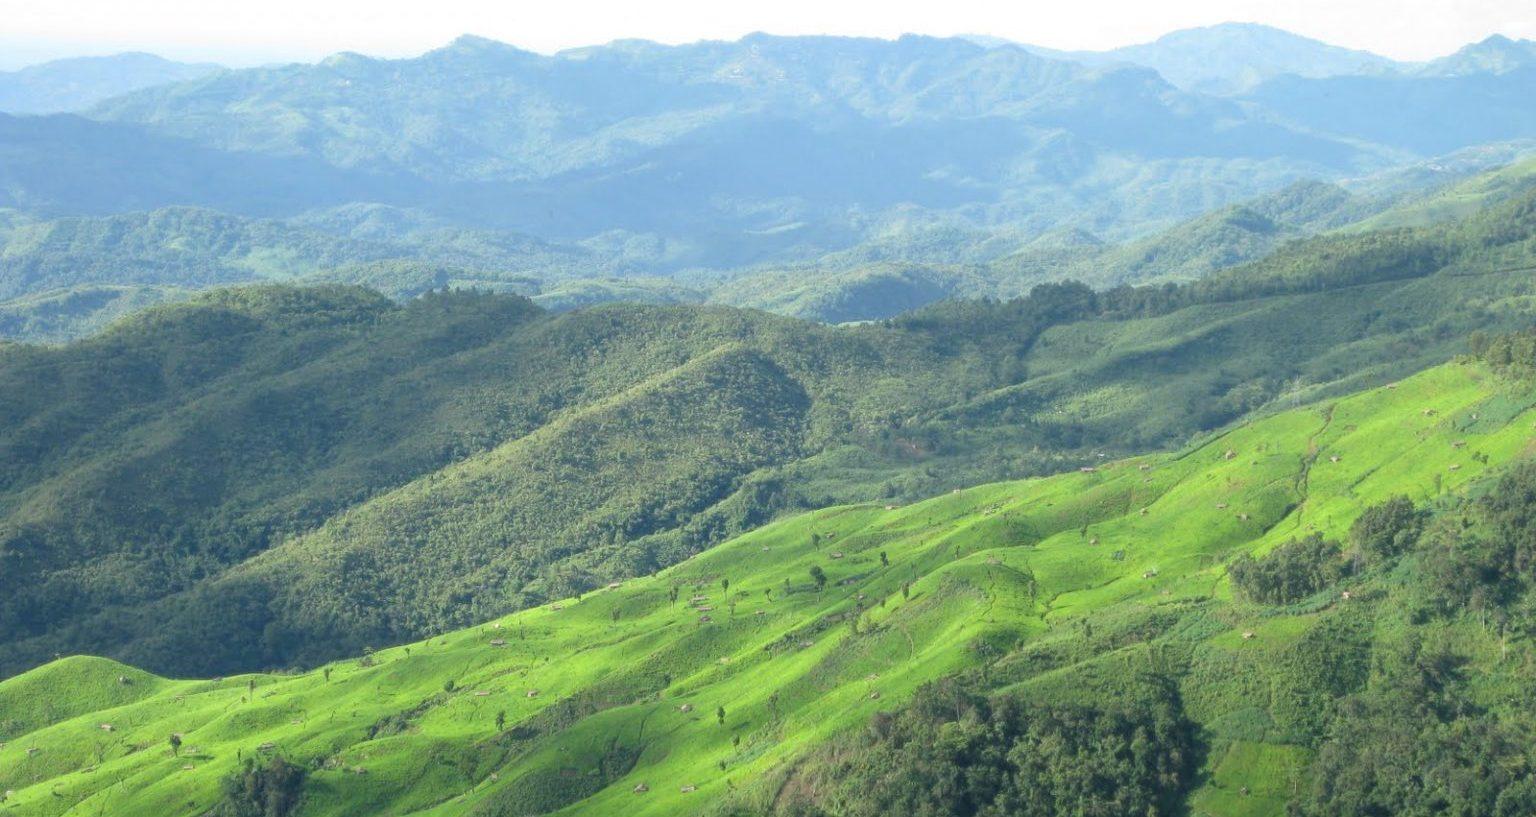 Rangapahar Reserve Forest, Dimapur